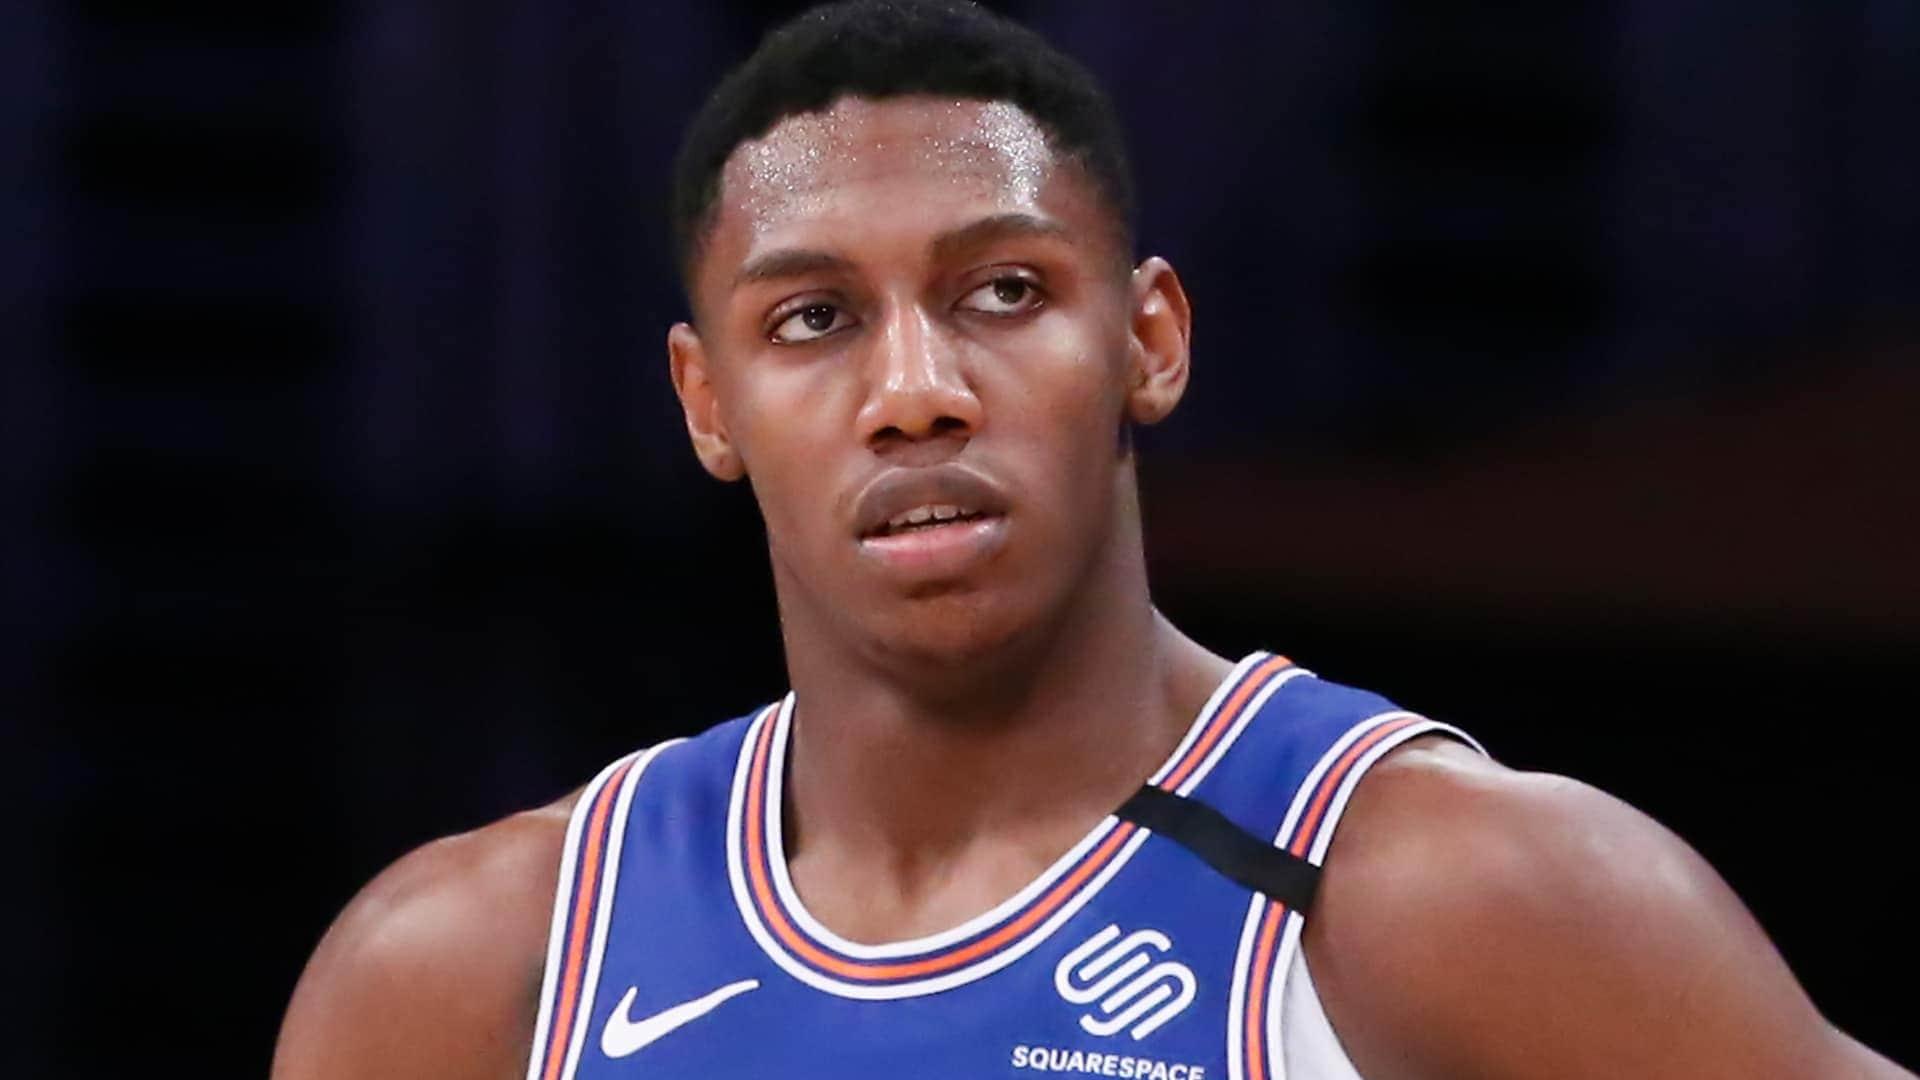 Knicks' RJ Barrett (ankle) will miss at least 1 week